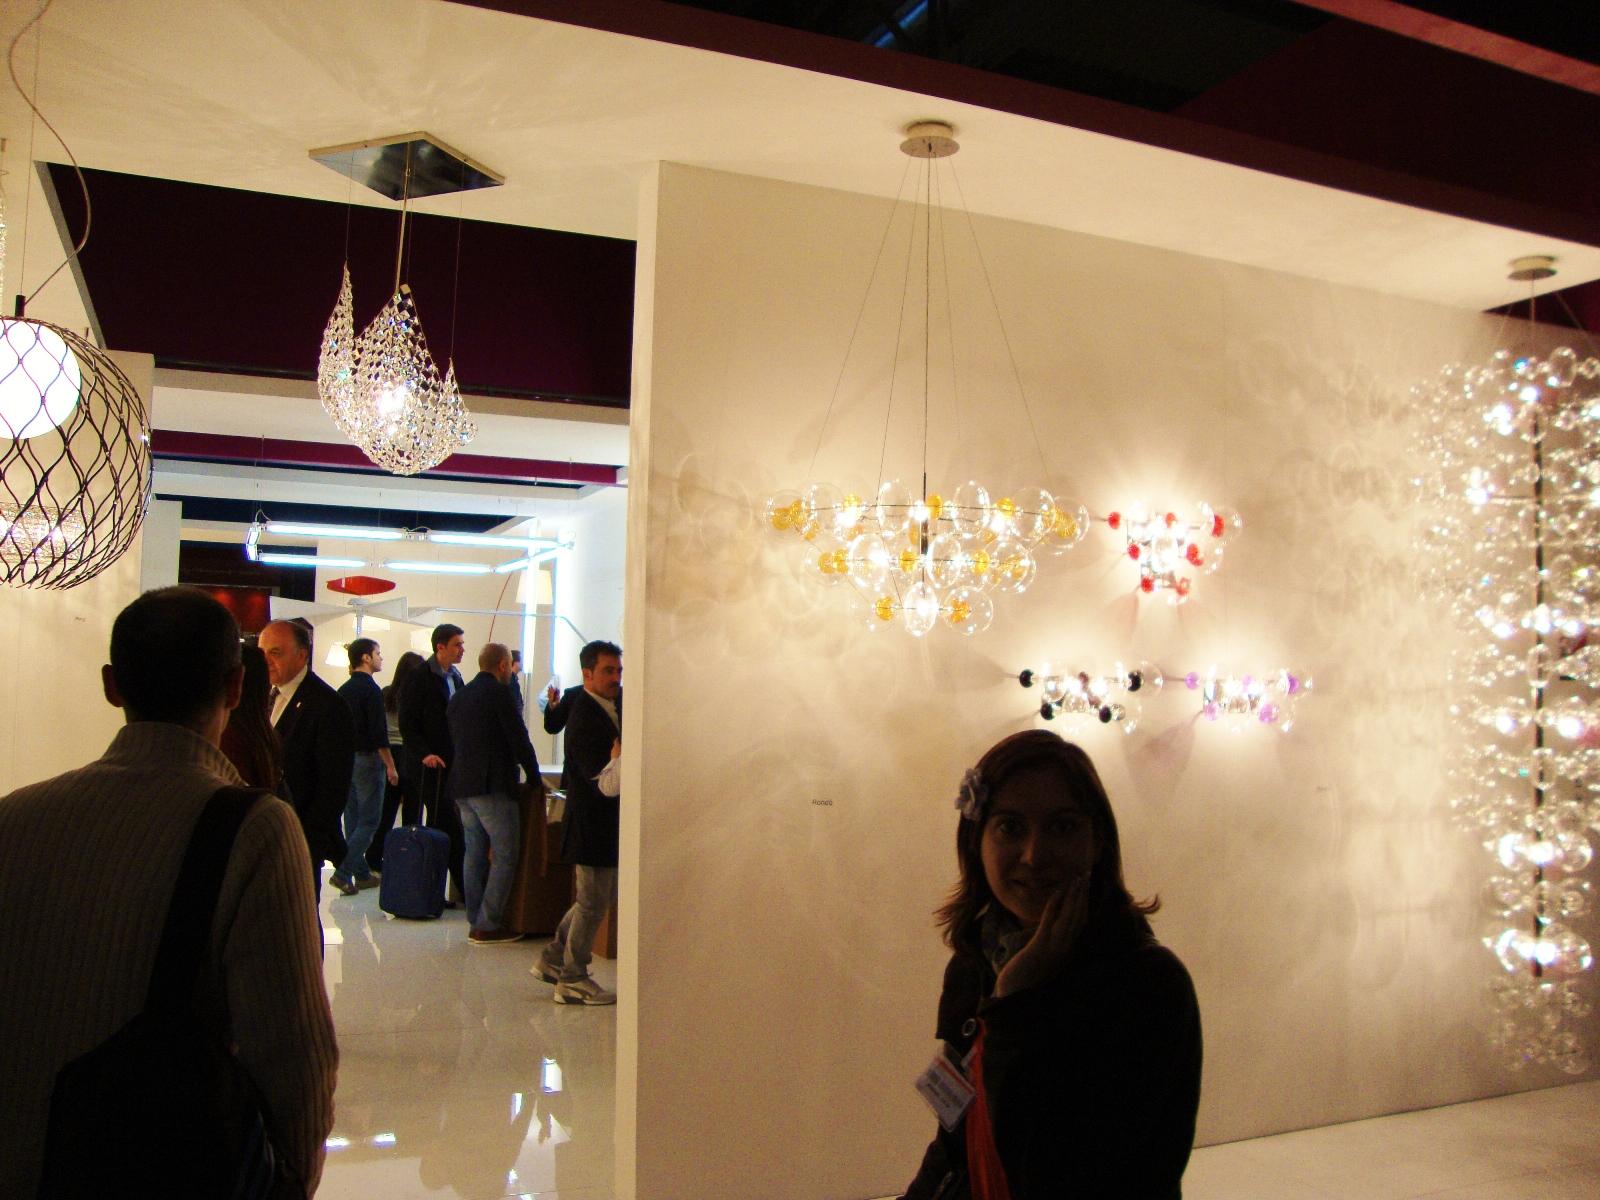 marchetti lampadari : EUROLUCE 2011: i lampadari di cristallo Marchetti Illuminazione fanno ...